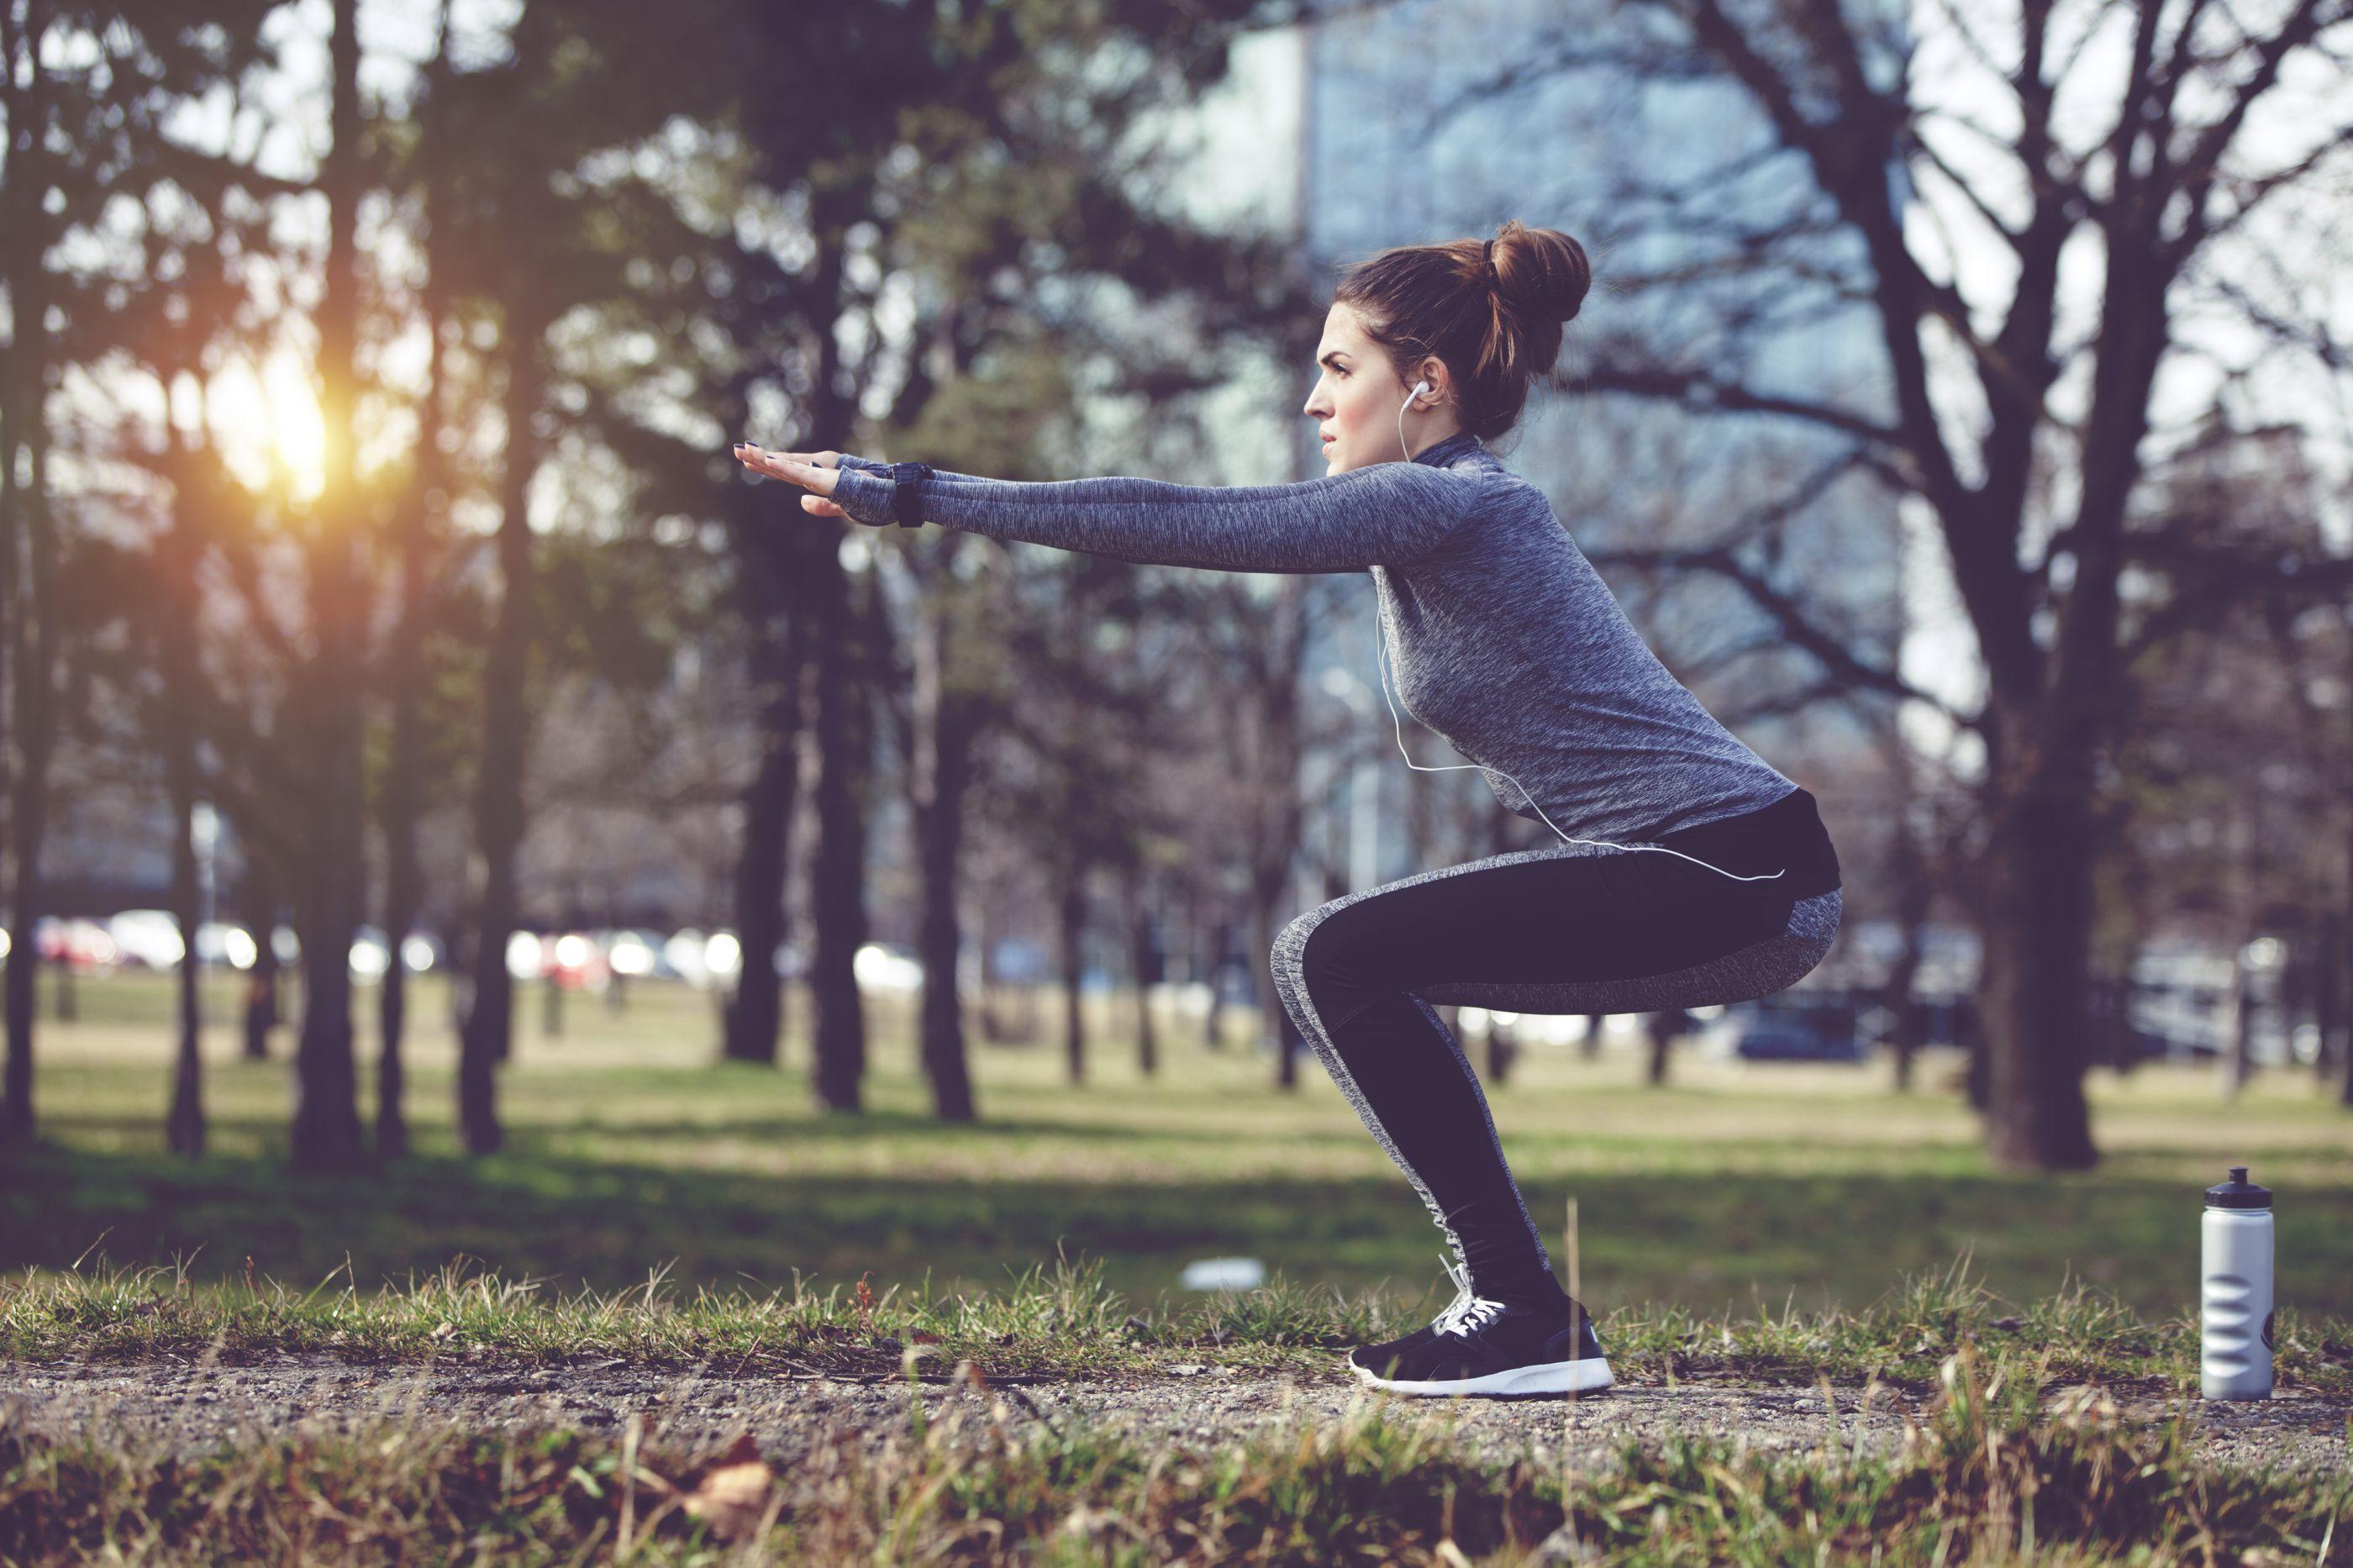 Eis como manter o ritmo de treino em tempo frio sem por os pés no ginásio